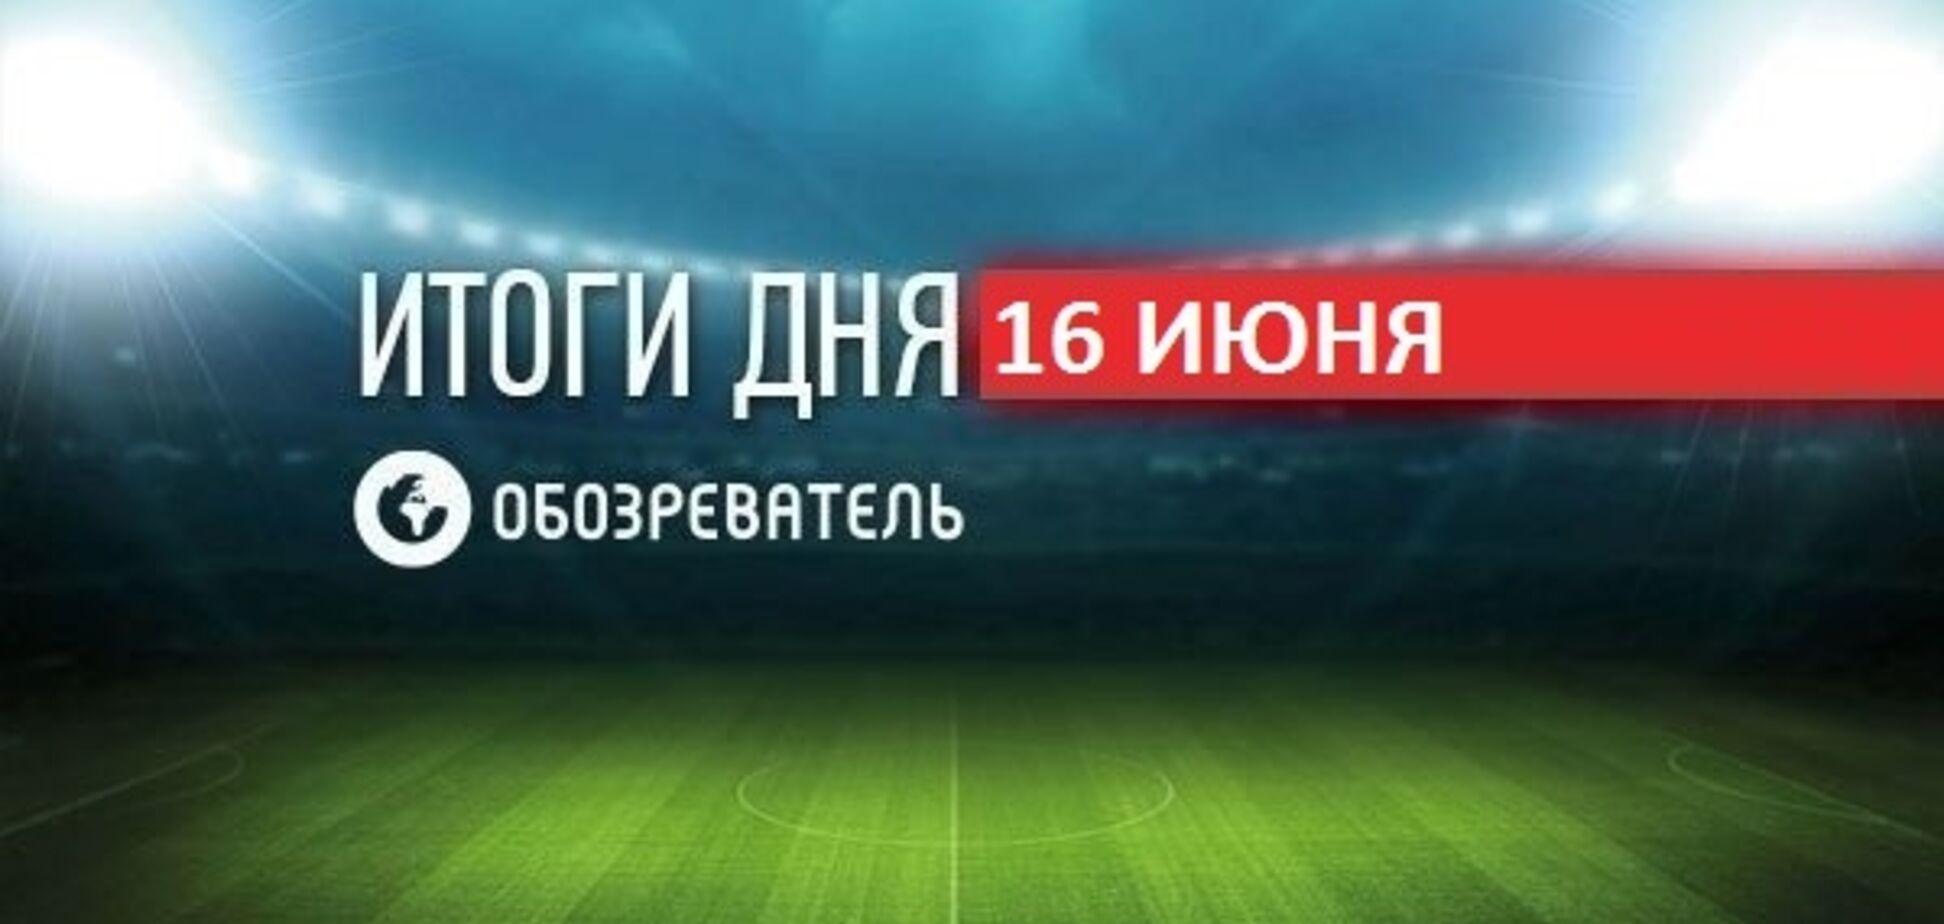 Україна U-20 викликала заздрість у Росії: спортивні підсумки 16 червня